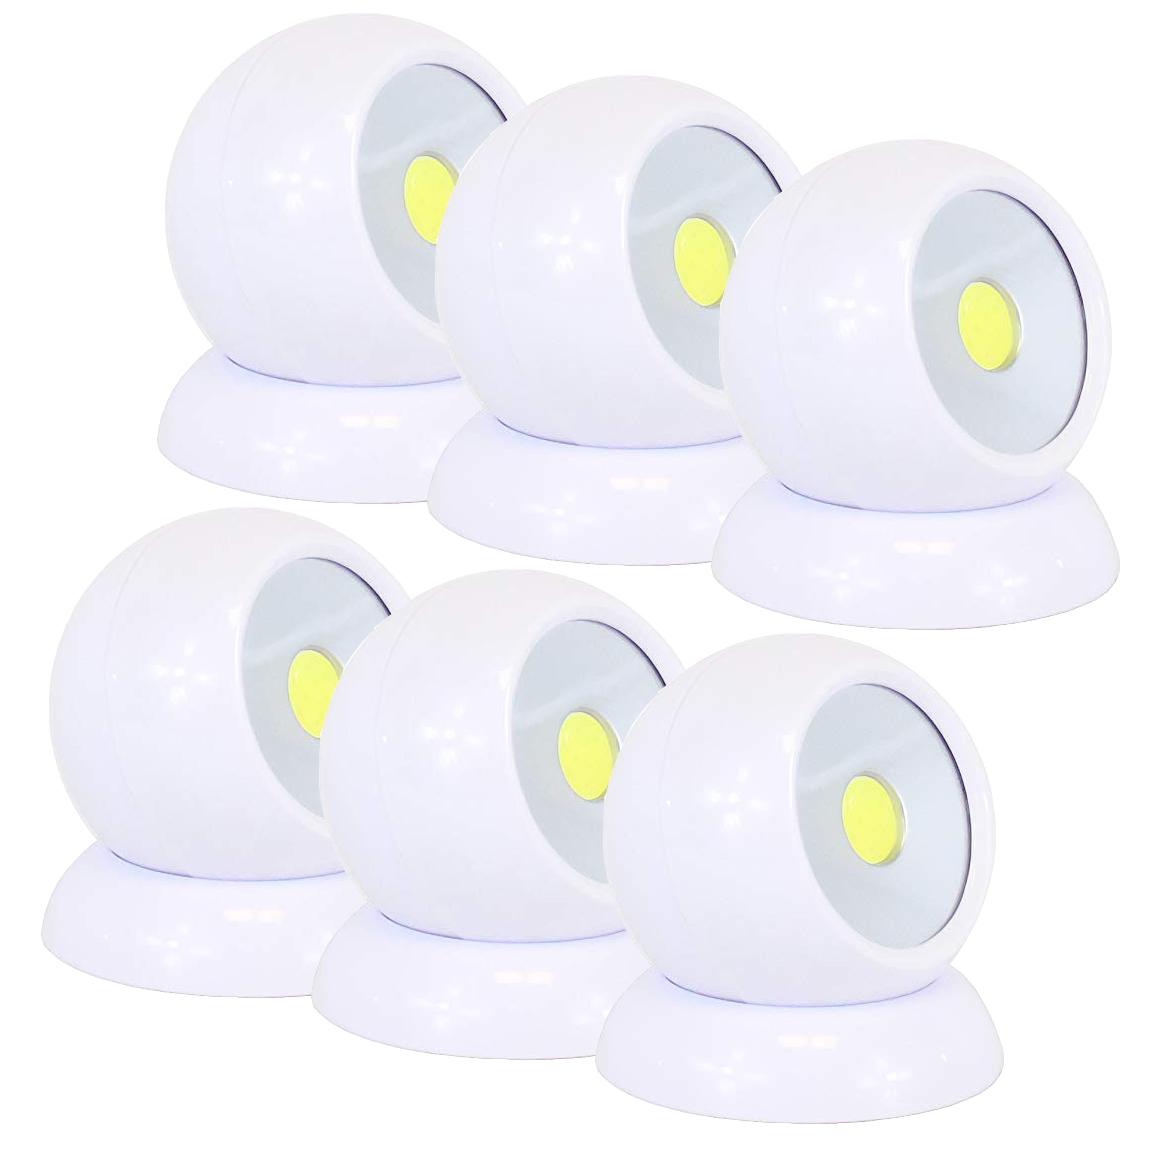 Lot de 6 Lampes Nomades Lumière Maxi 360° avec support magnétique – Eclaire LED sans fil – Technologie COB